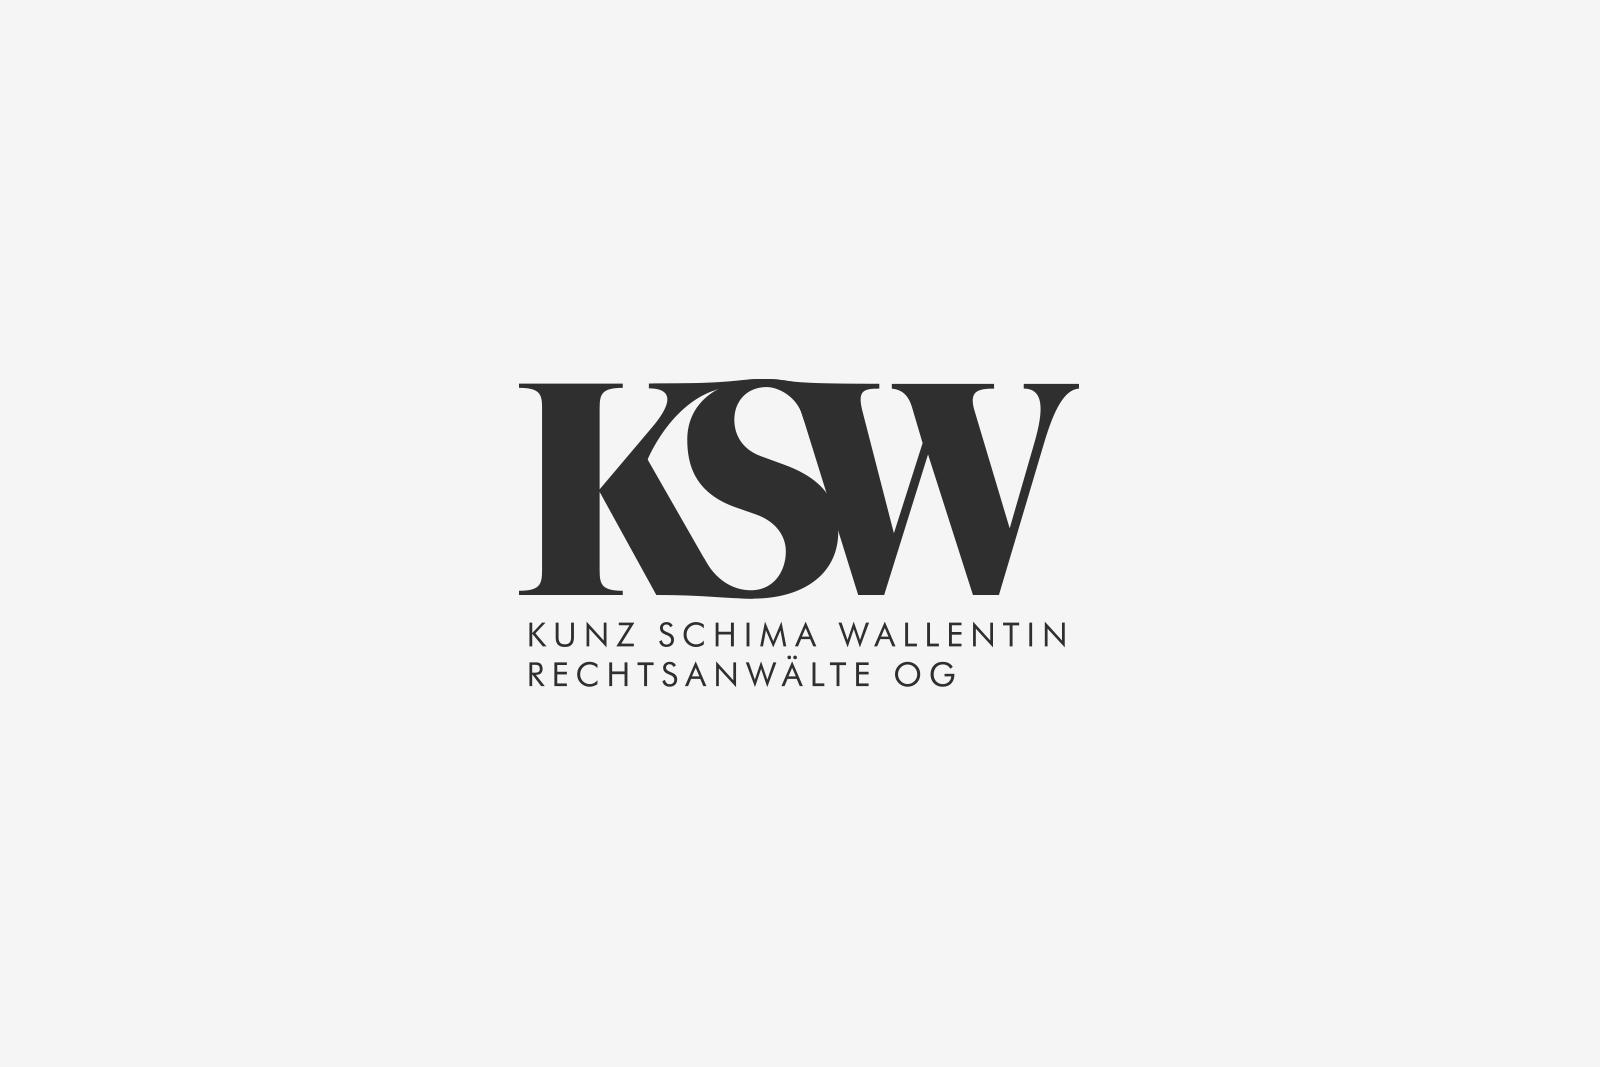 Logo Ksw Rechtsanwaelte Bw